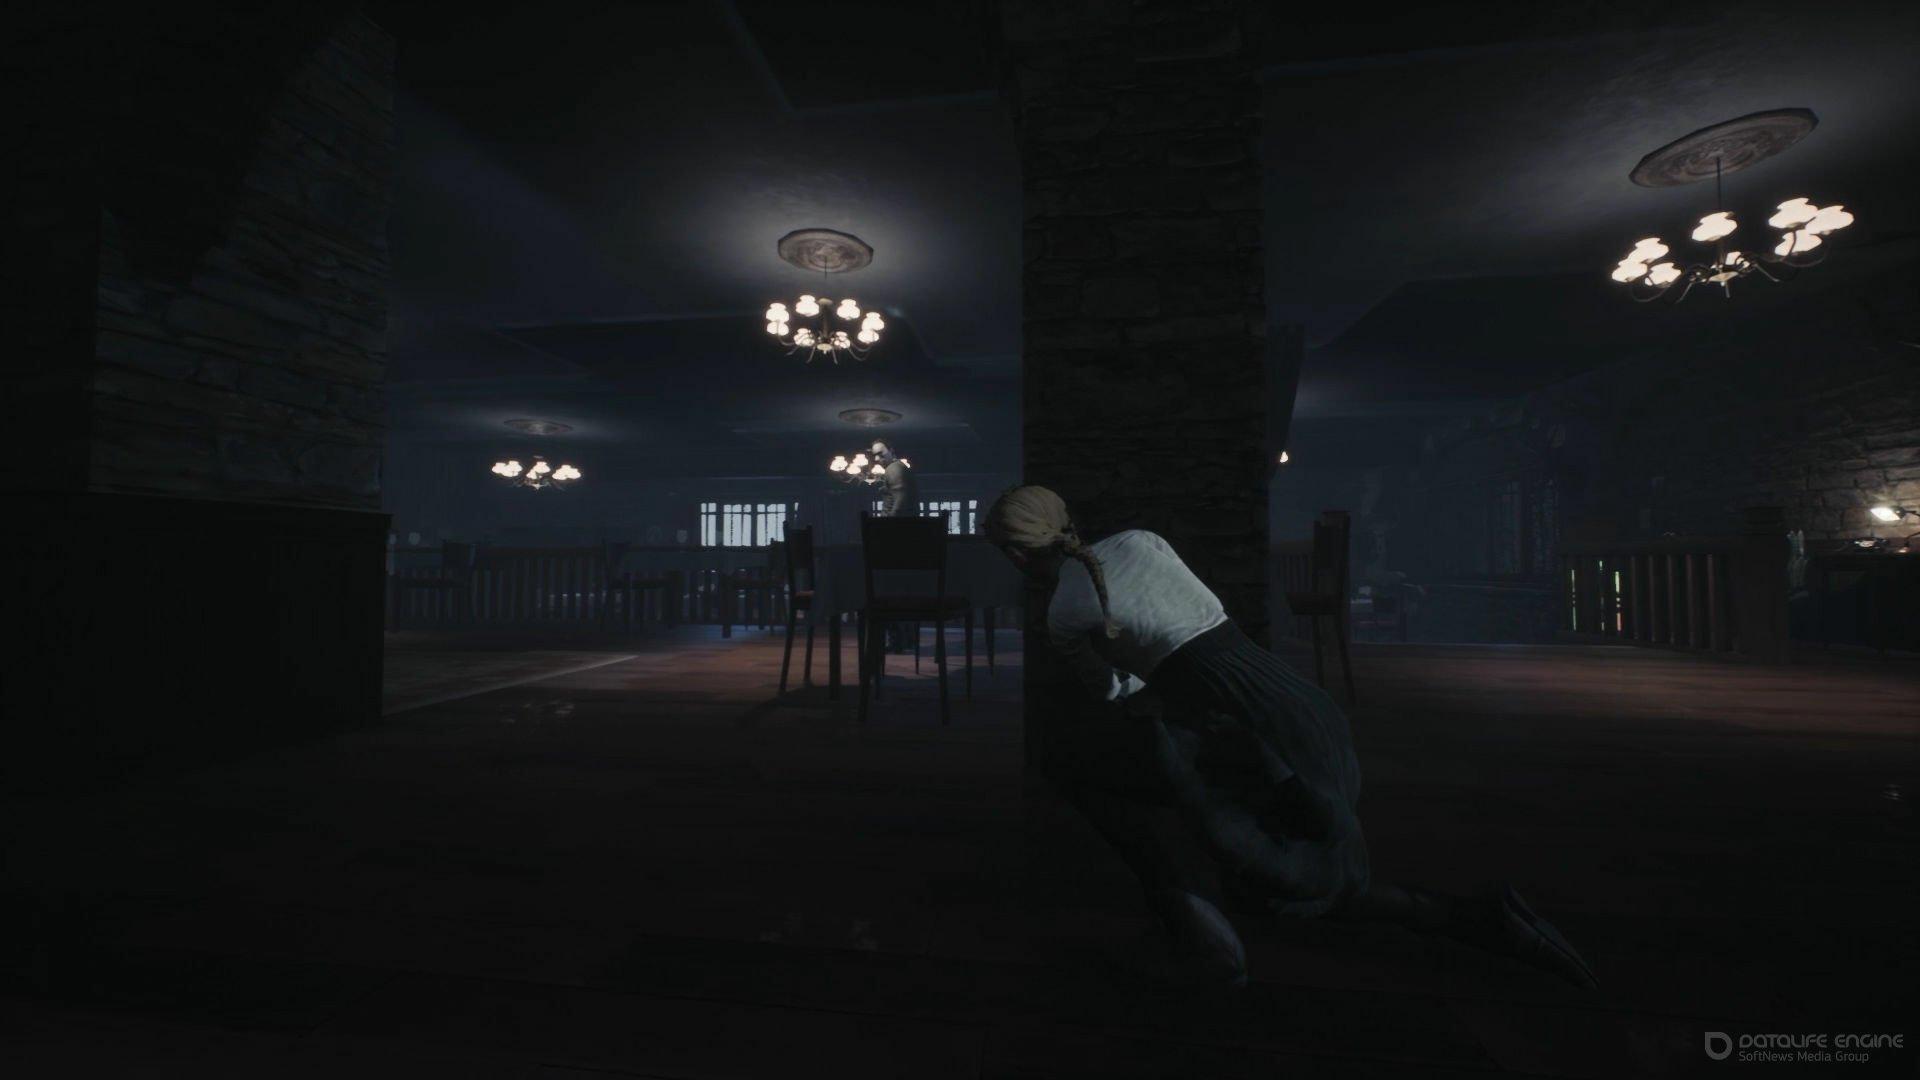 Скриншот к игре Remothered: Broken Porcelain v.1.8.0.1 fix [GOG] (2020) скачать торрент Лицензия